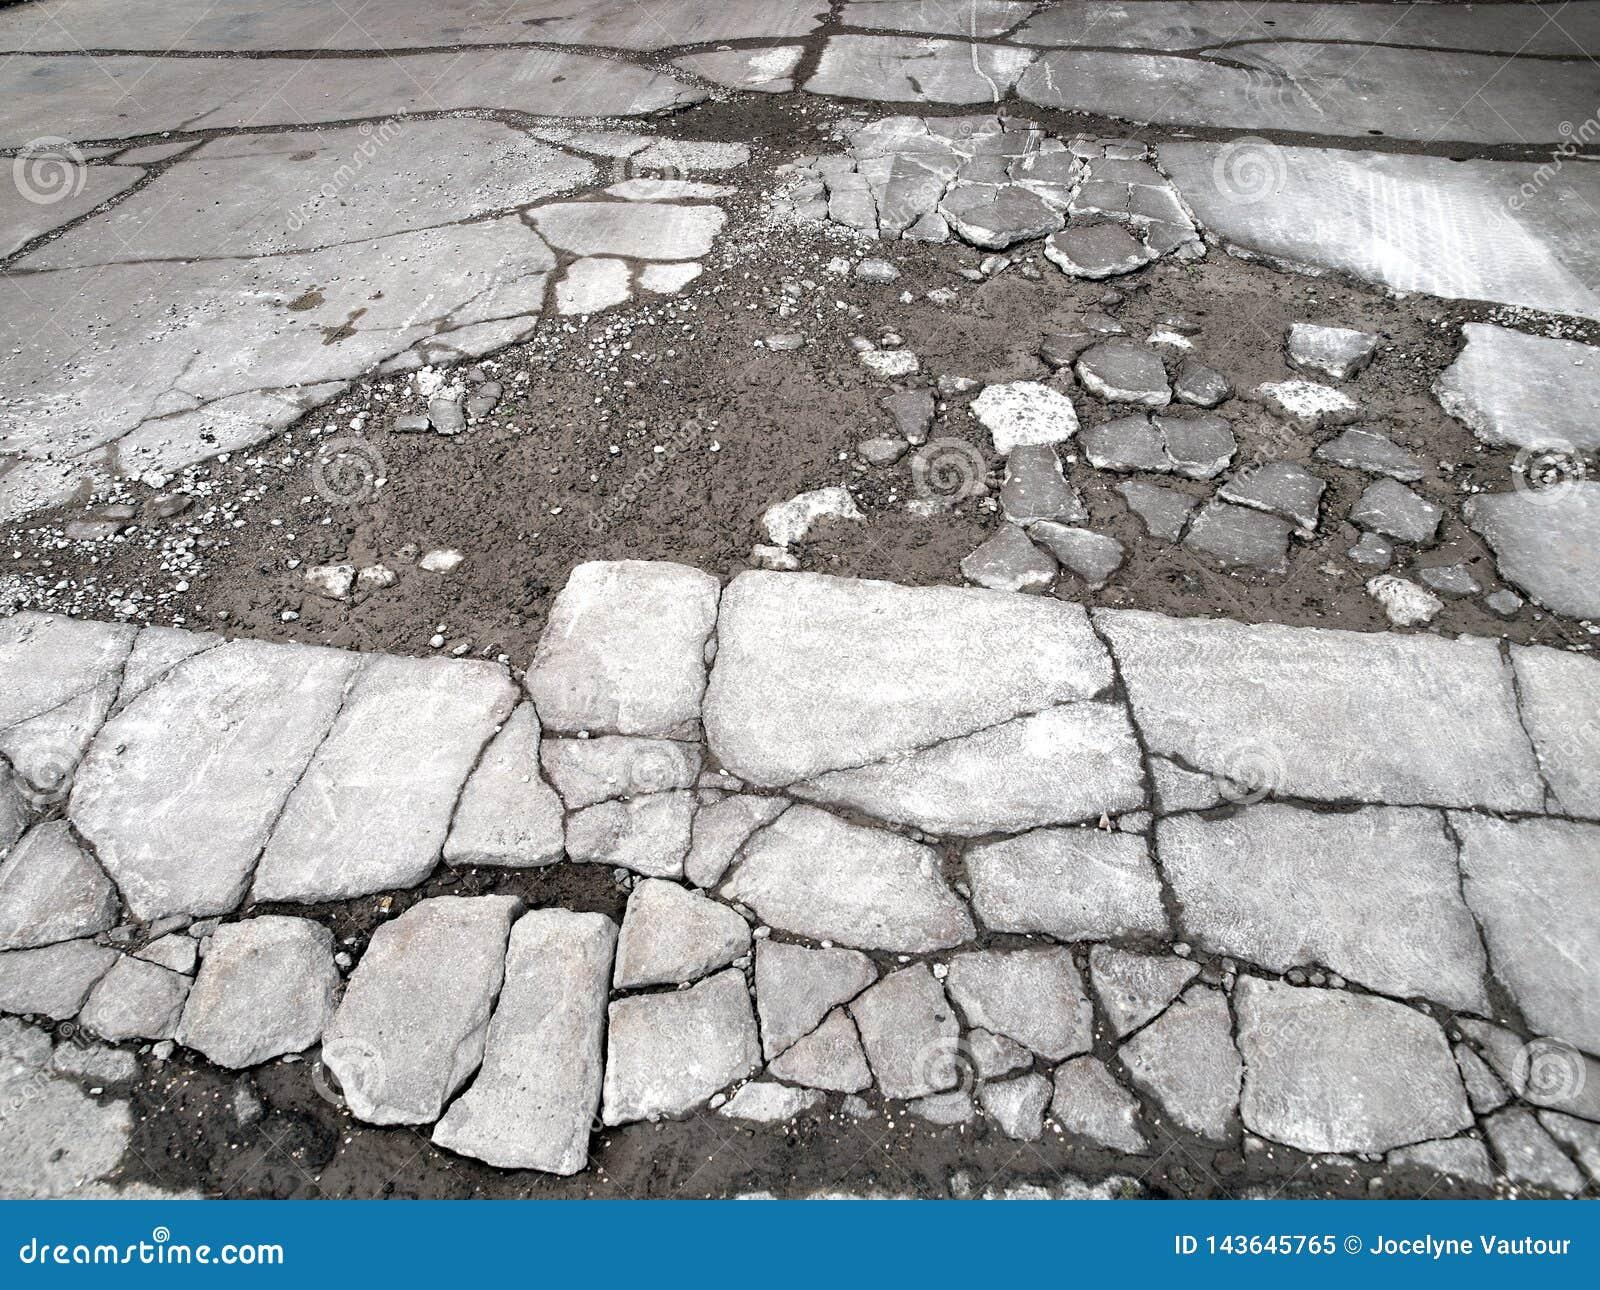 Estrada pavimentada deteriorando-se e rachada